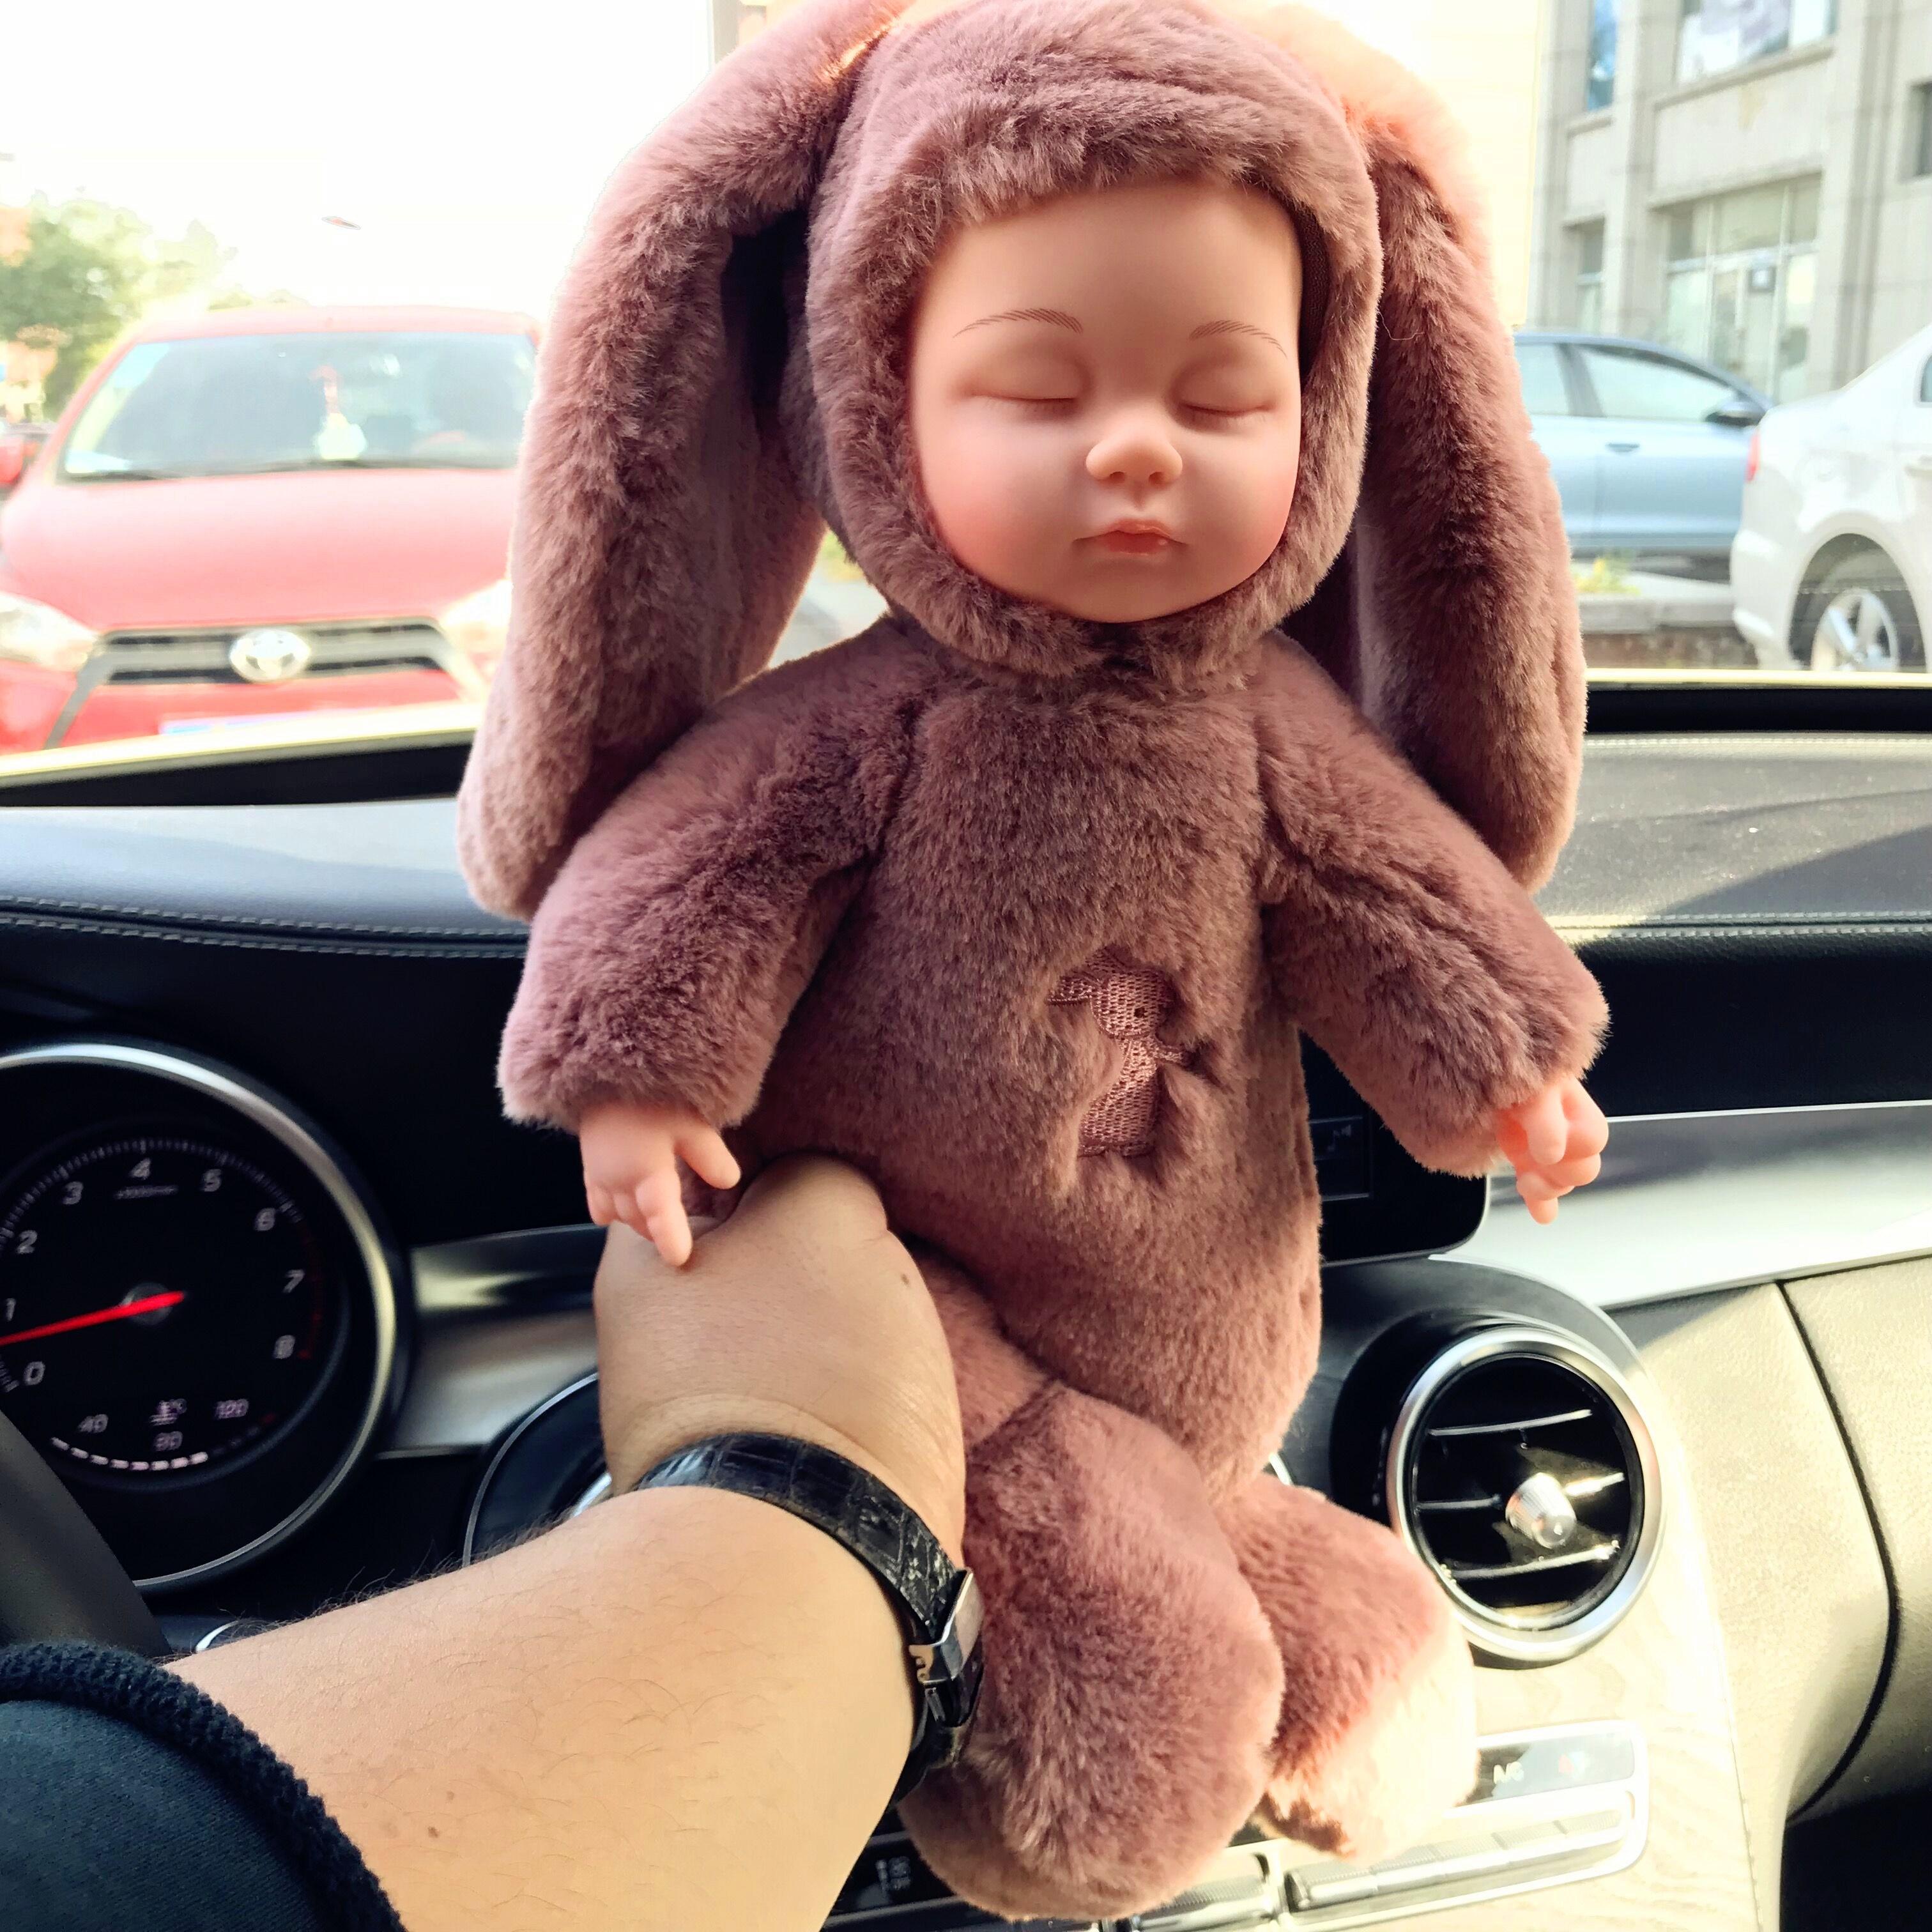 睡眠娃娃仿真婴儿毛绒玩具音乐萌睡玩偶软胶安抚陪睡公仔大号包邮